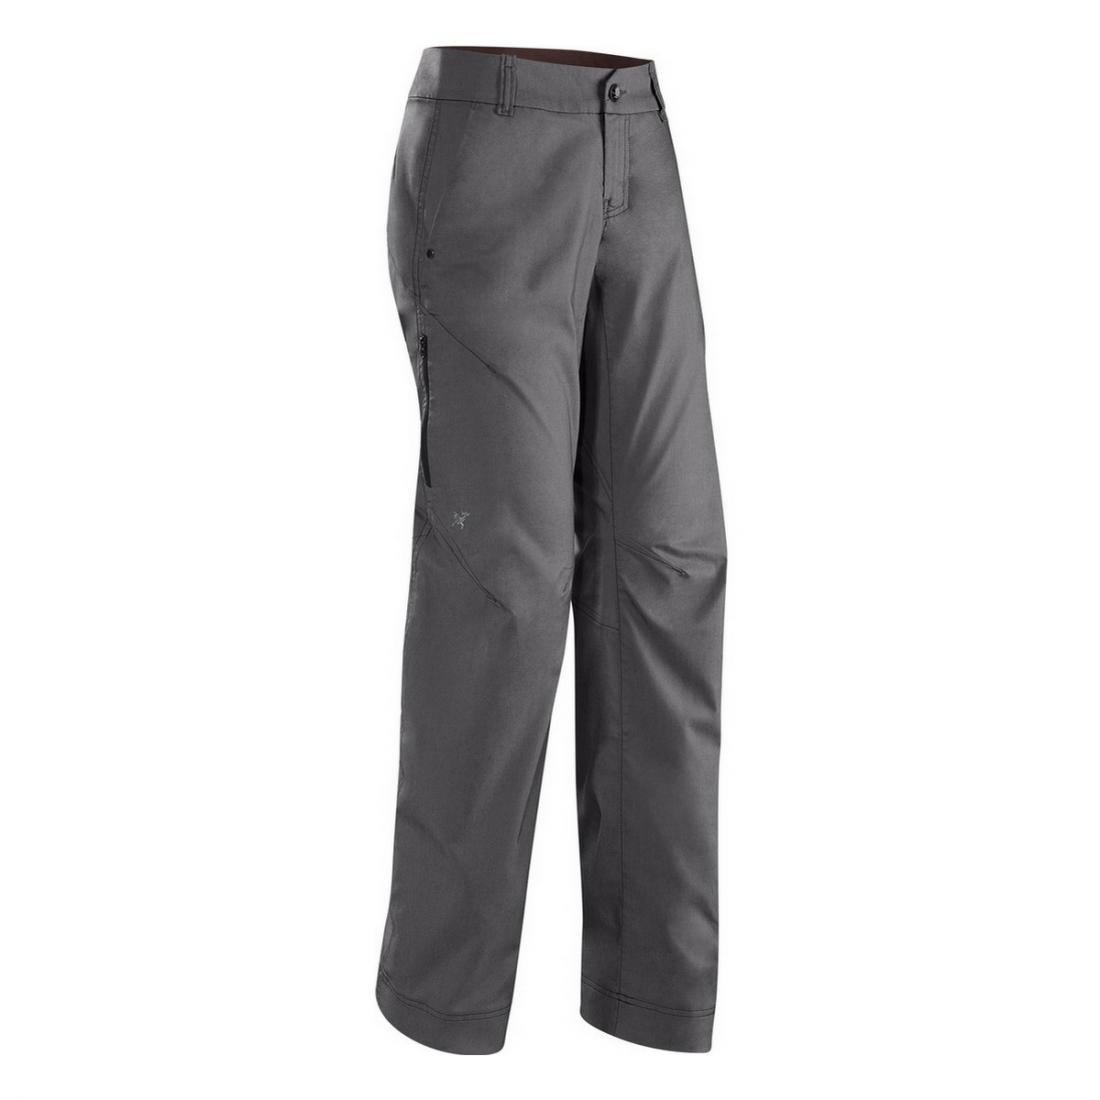 Брюки A2B Commuter Pant жен.Брюки, штаны<br><br><br><br> Женские брюки Arcteryx A2B Commuter Pant Womens – идеальный вариант для велосипедисток, а также они подходят для путешествий и повседневной нос...<br><br>Цвет: Серый<br>Размер: 10